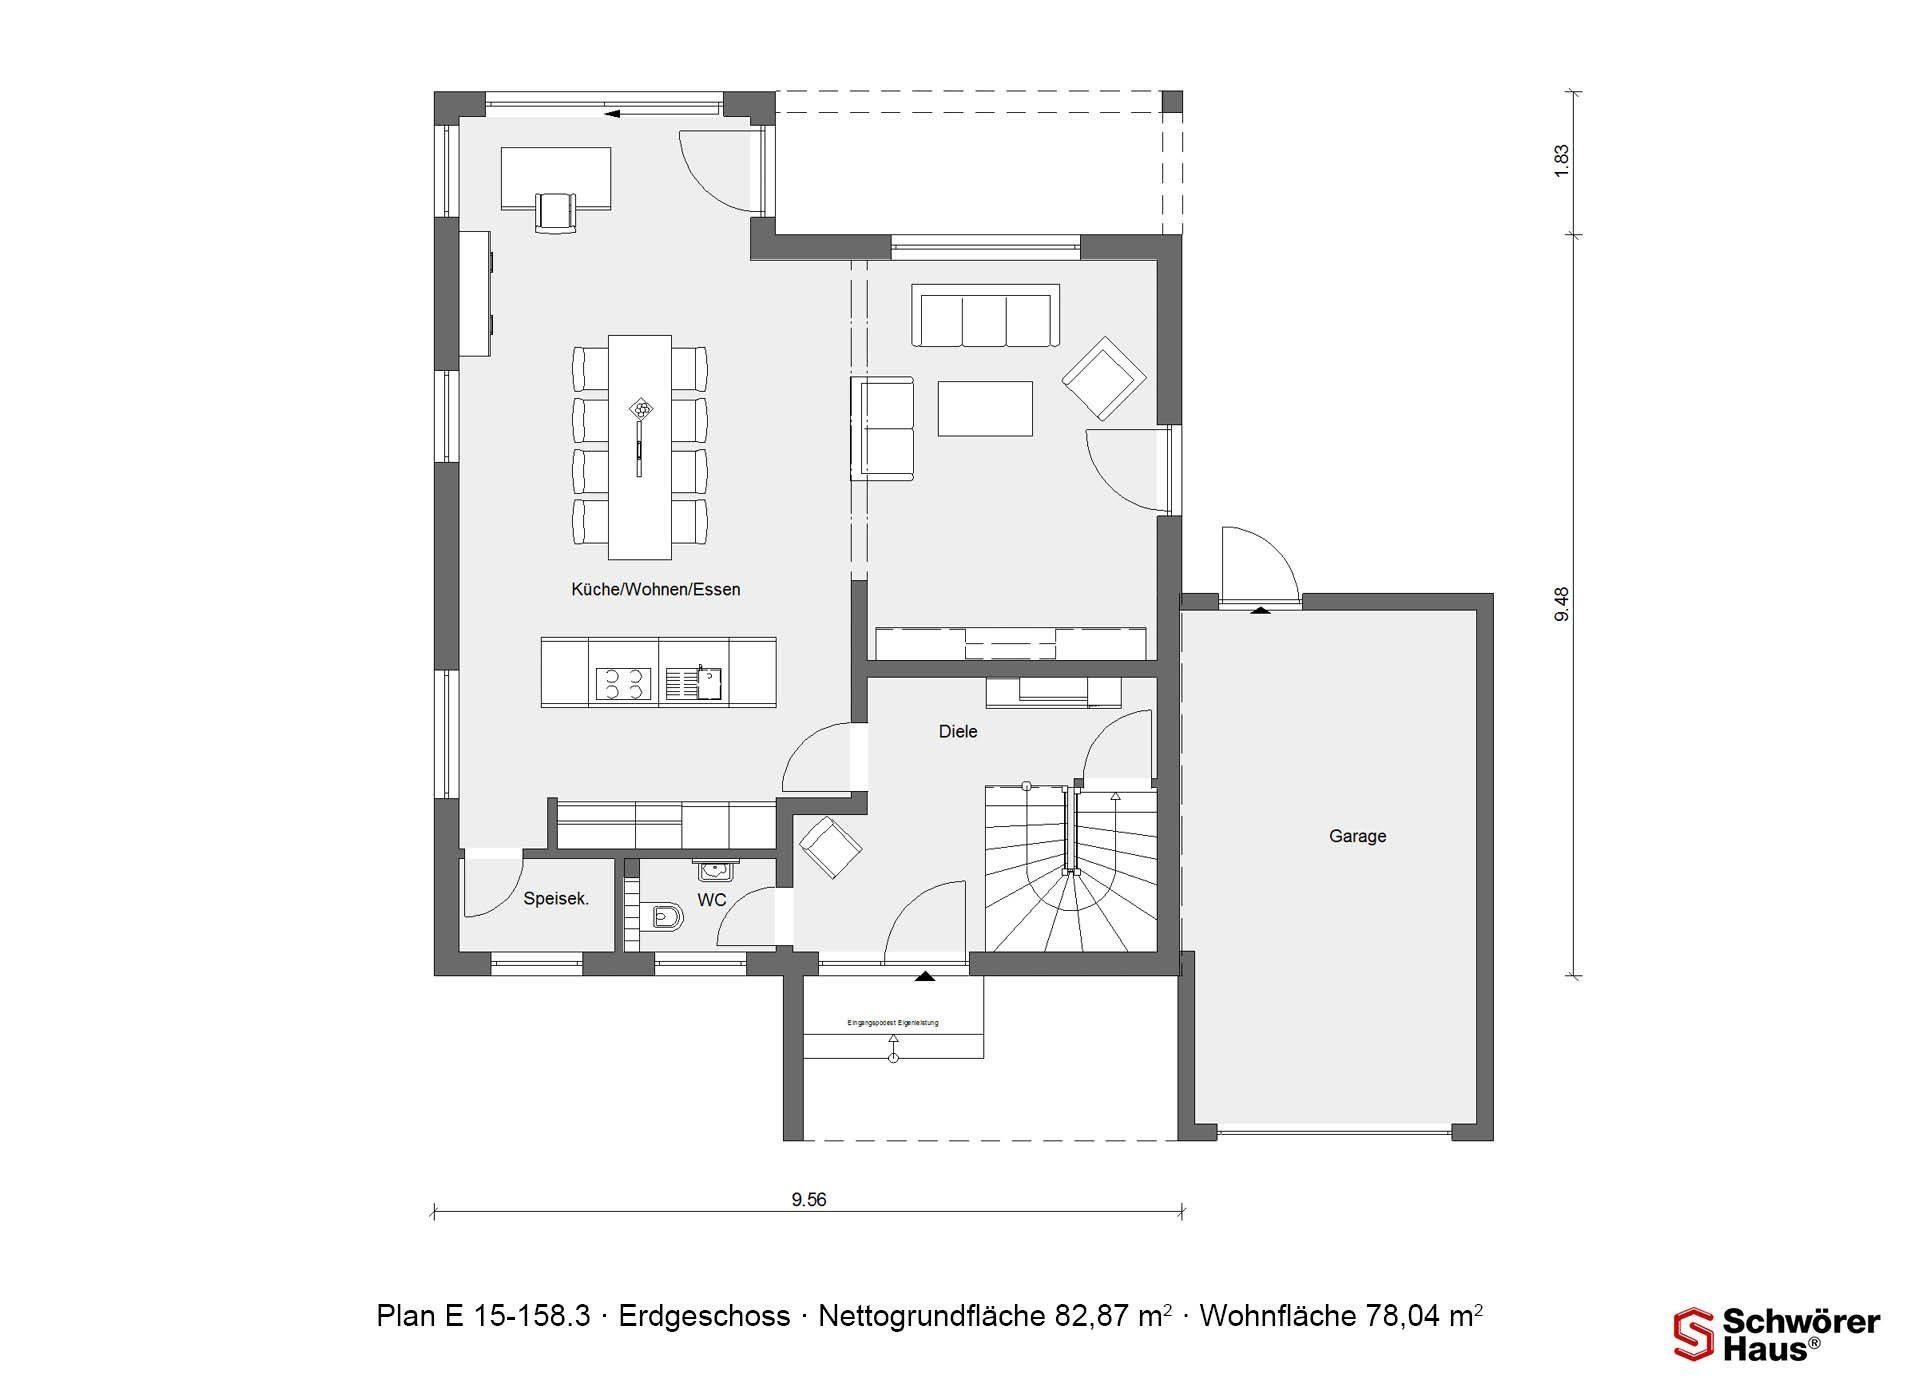 Kundenhaus Rimsa/Heck - Eine Nahaufnahme eines Geräts - Gebäudeplan